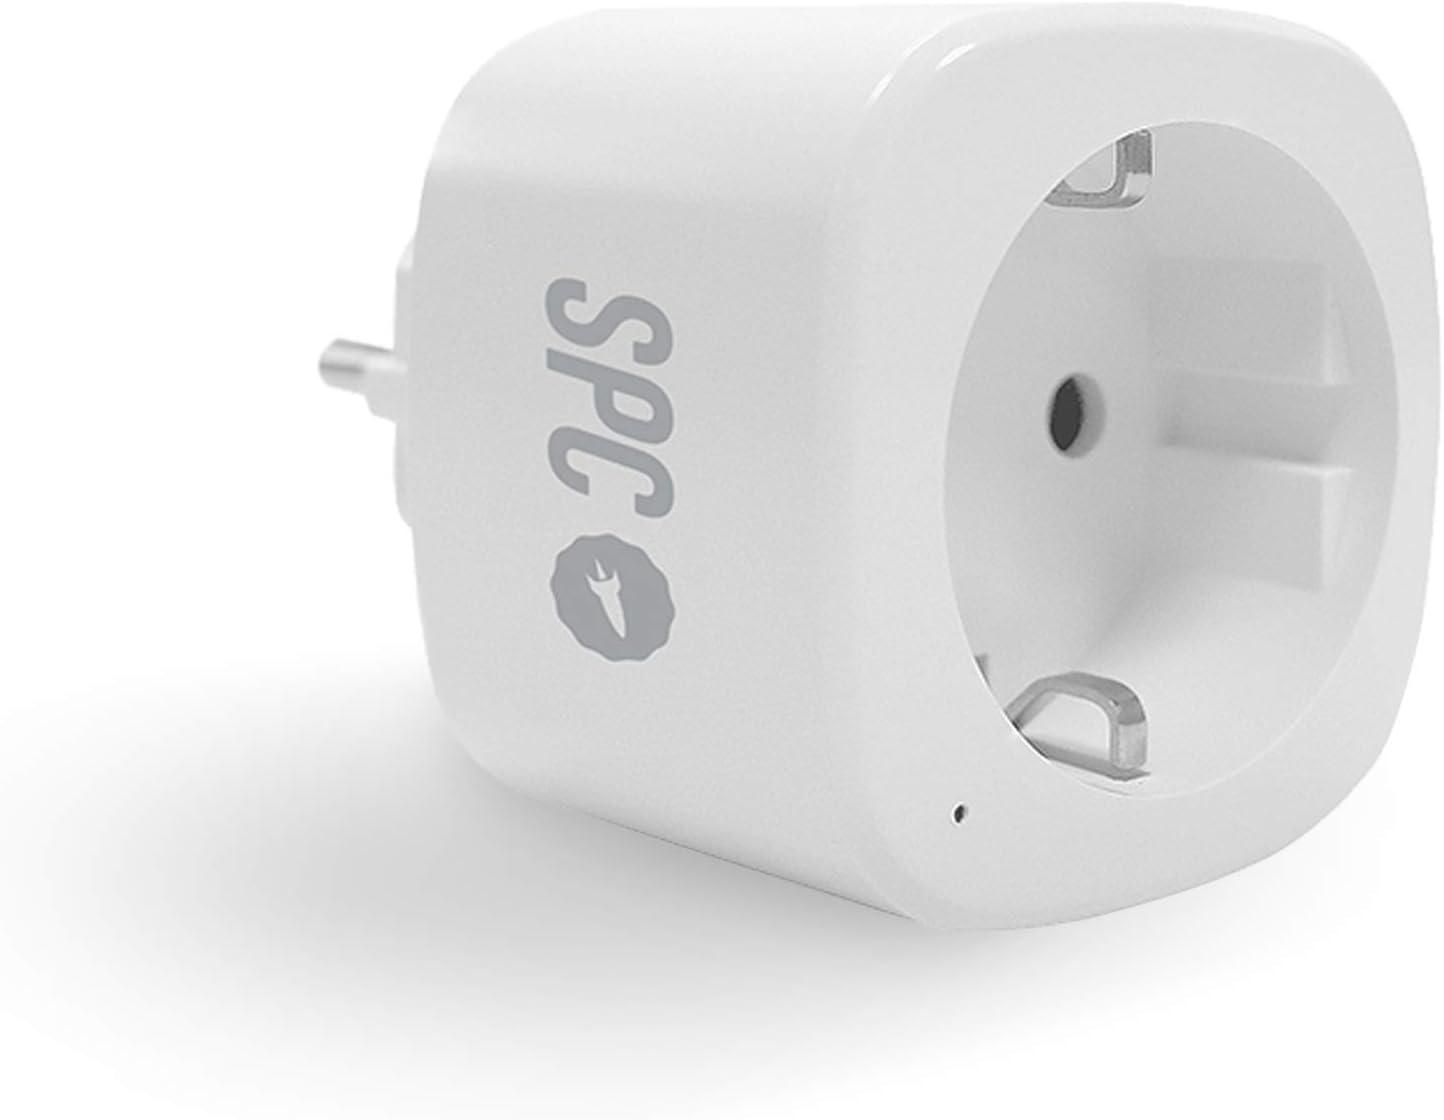 SPC Clever Plug Mini - Enchufe Inteligente Wi-Fi Compatible con Amazon Alexa y Google Home: Amazon.es: Electrónica